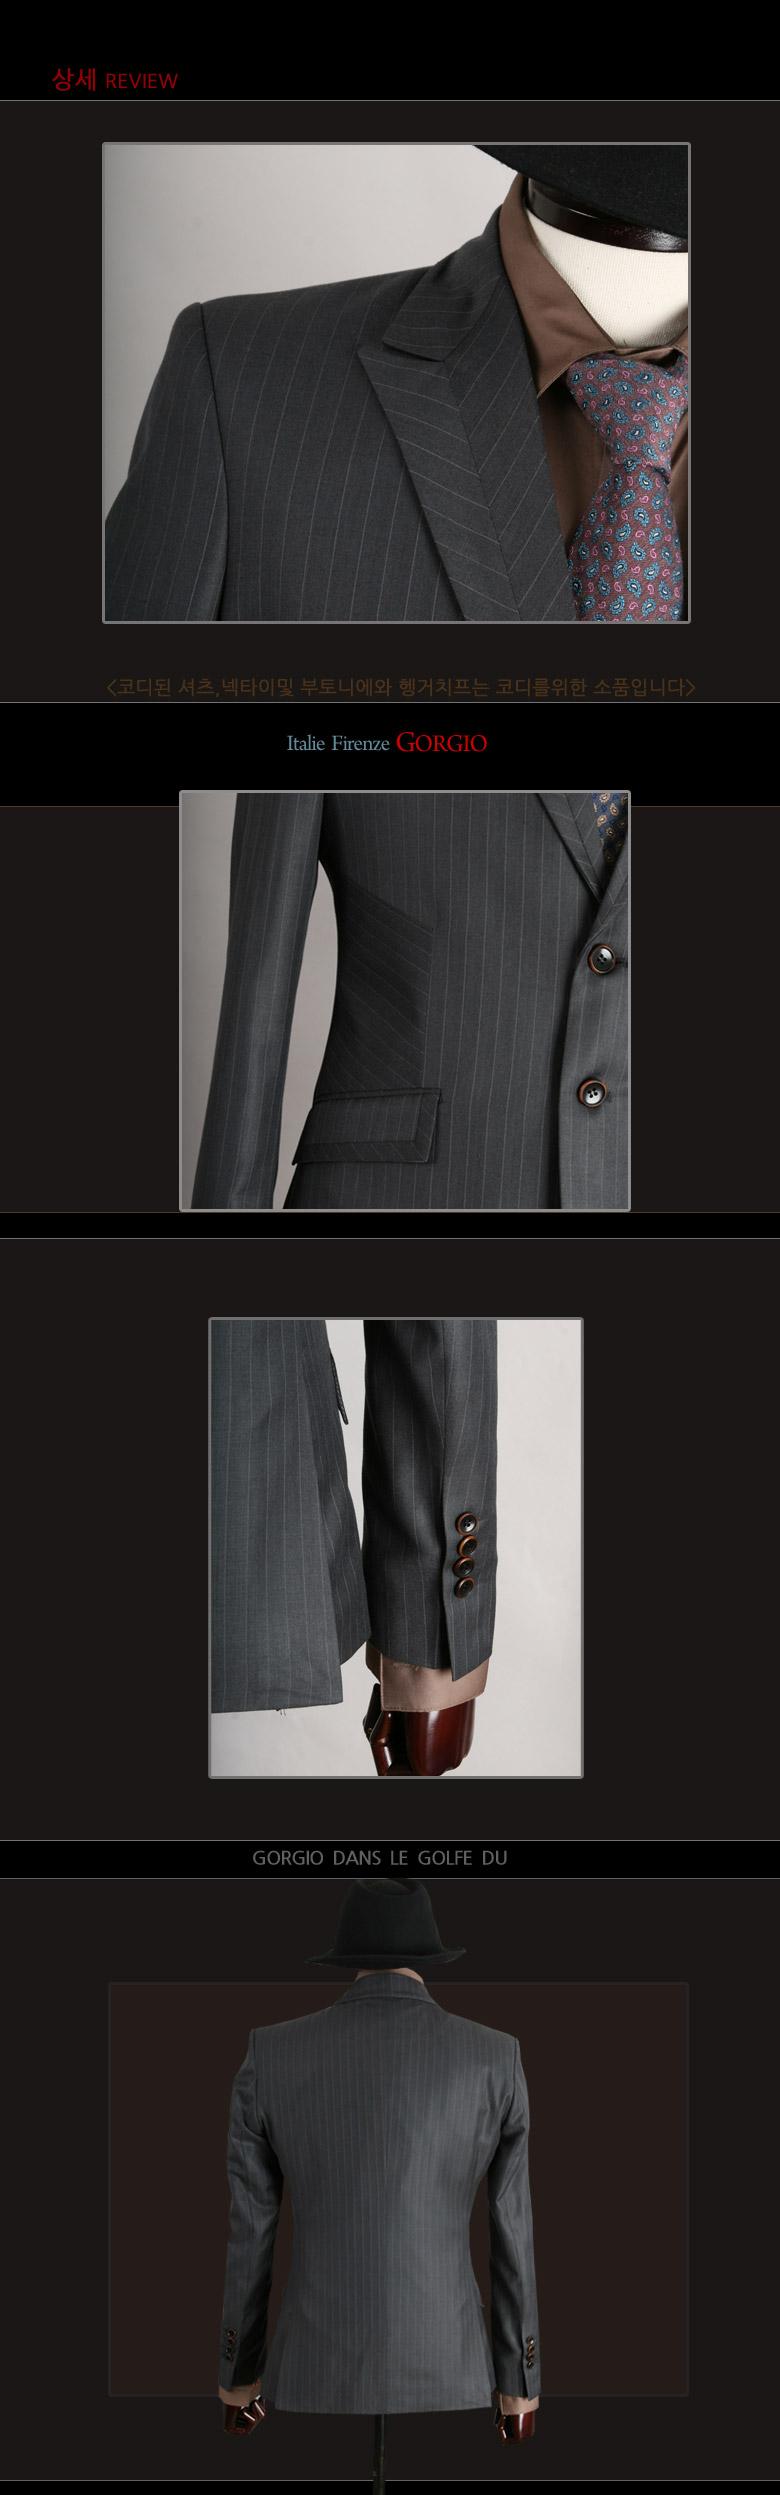 남자정장추천 Men's Suits 男性のスーツ 男士西裝